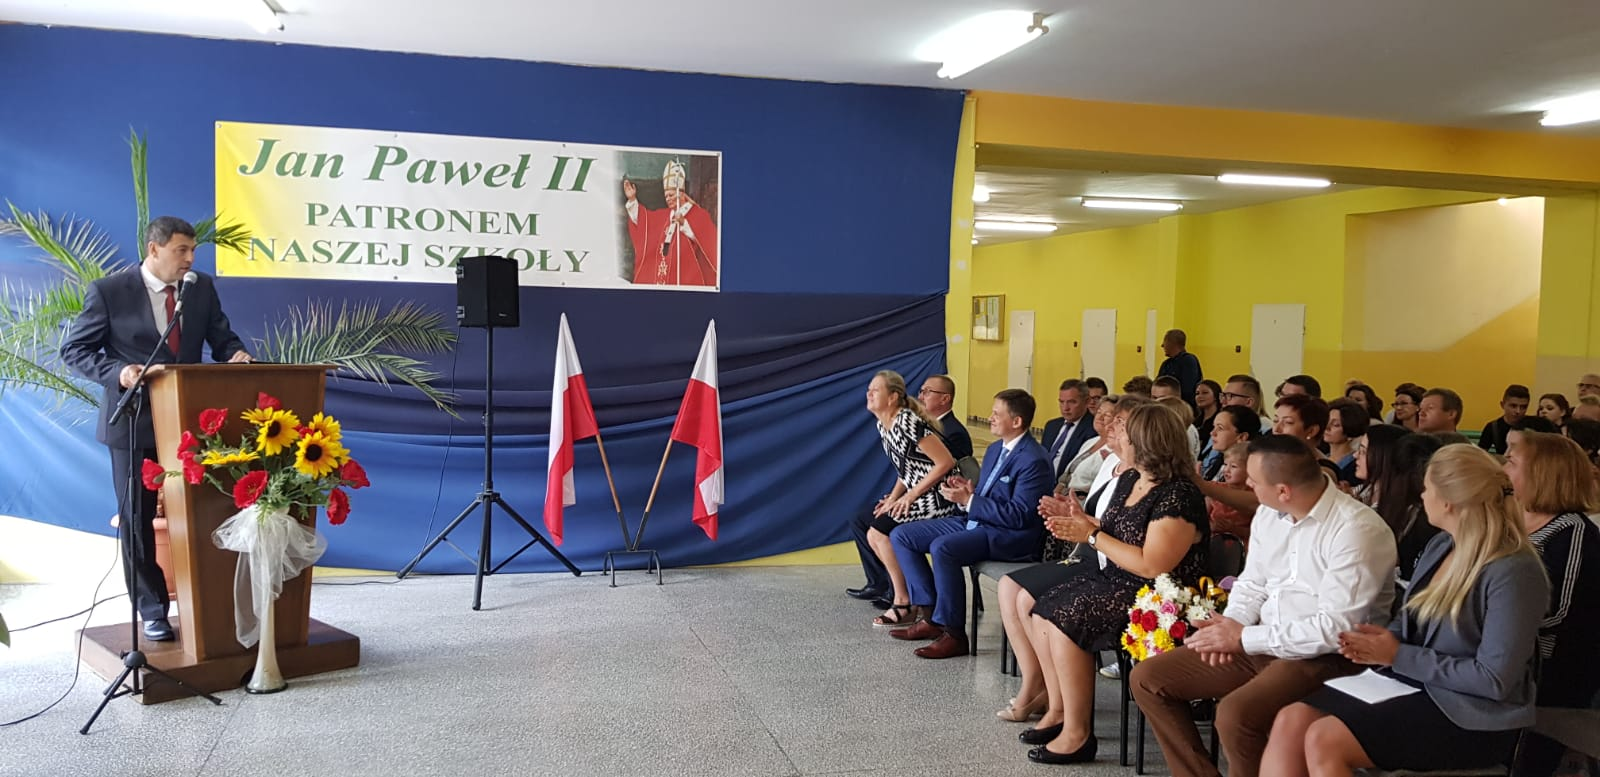 Uroczyste rozpoczęcie roku szkolnego 2018/2019 w Zespole Szkół Ponadgimnazjalnych im.Jana Pawła II w Kościelcu